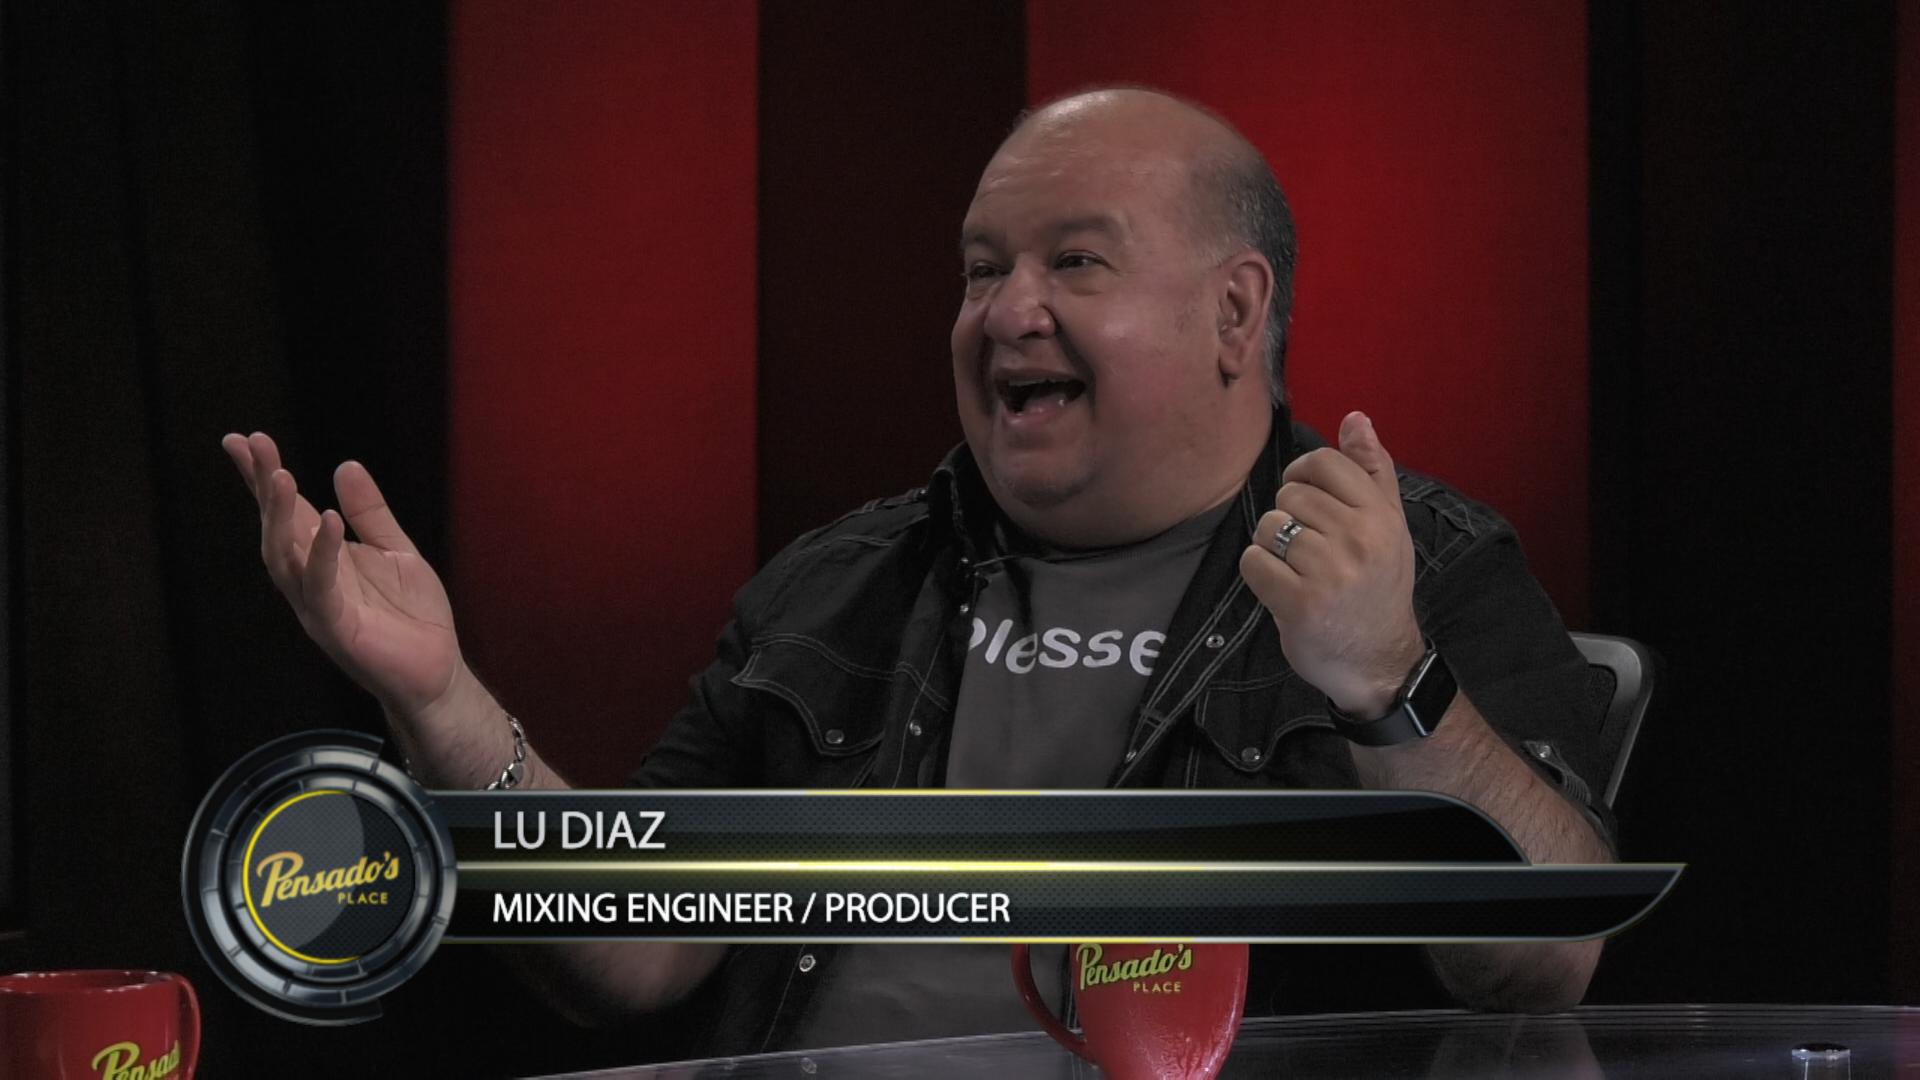 Mix Engineer/Producer Lu Diaz